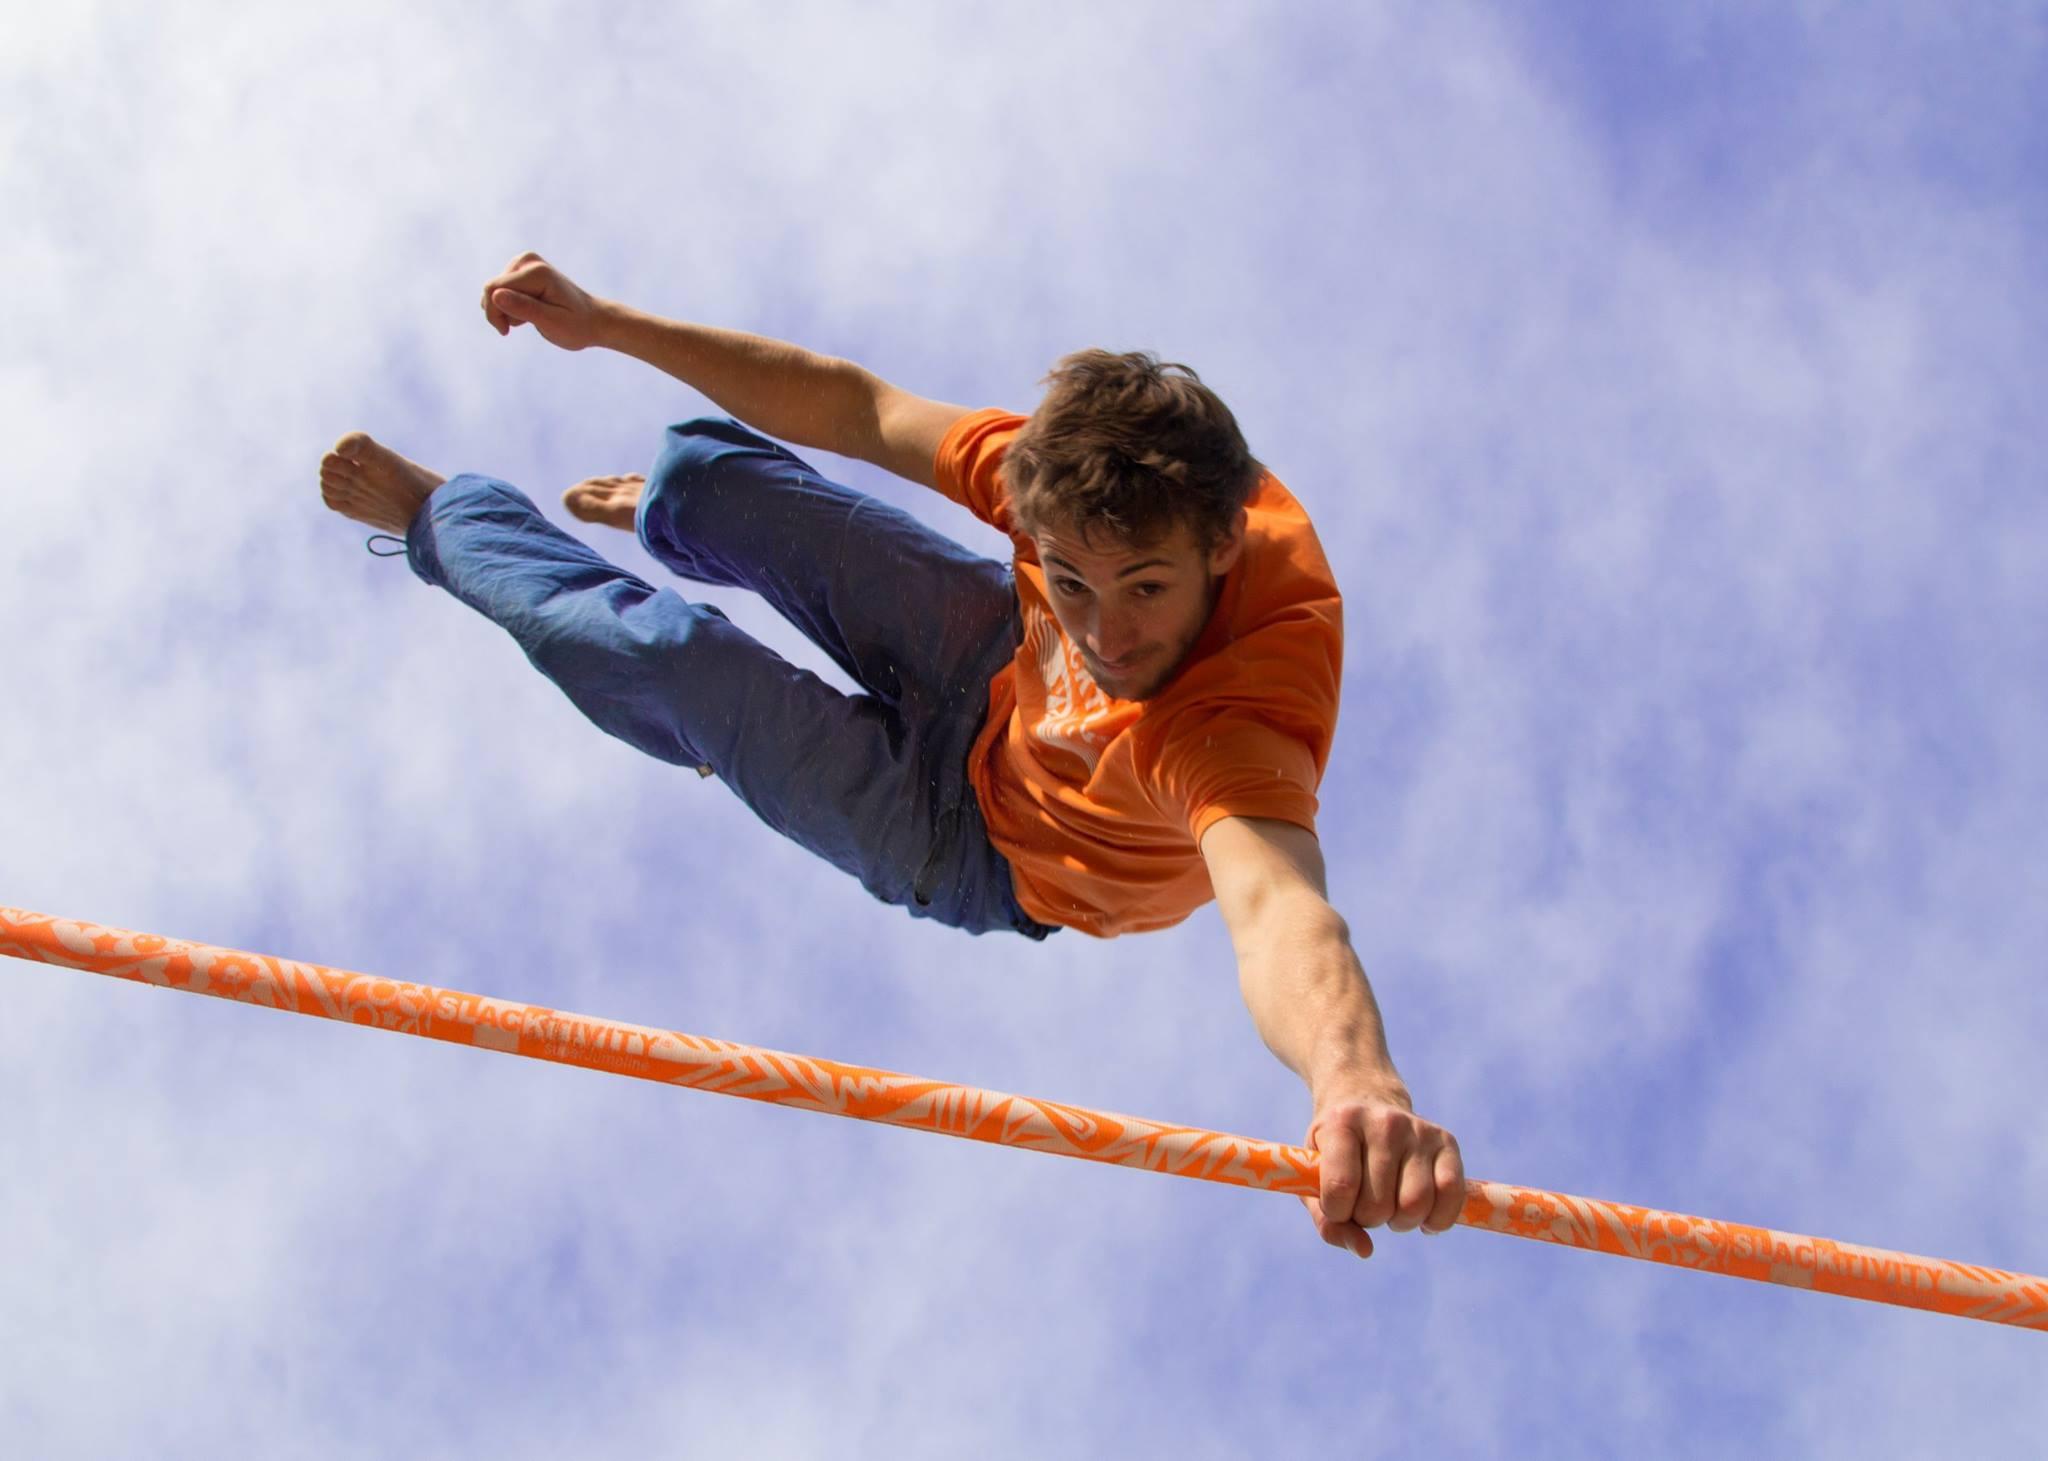 Slackline Lyell Grunberg show performance spectacle Highline trickline.jpg.jpg